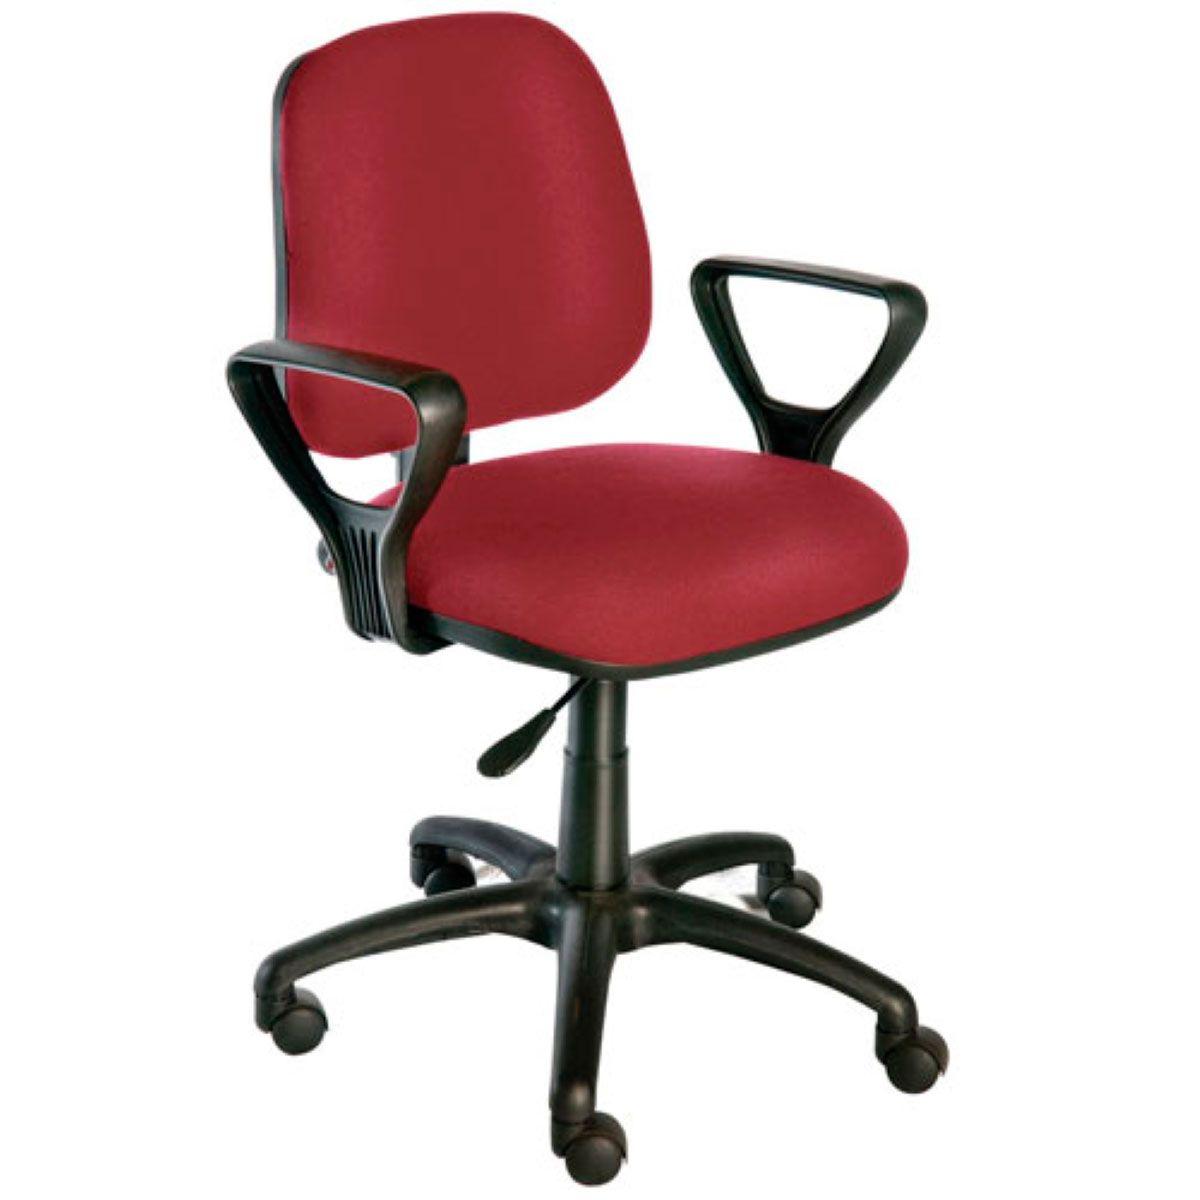 Cadeira de escritório MIRTA secretária giratória base de nylon preta assento em corino PU